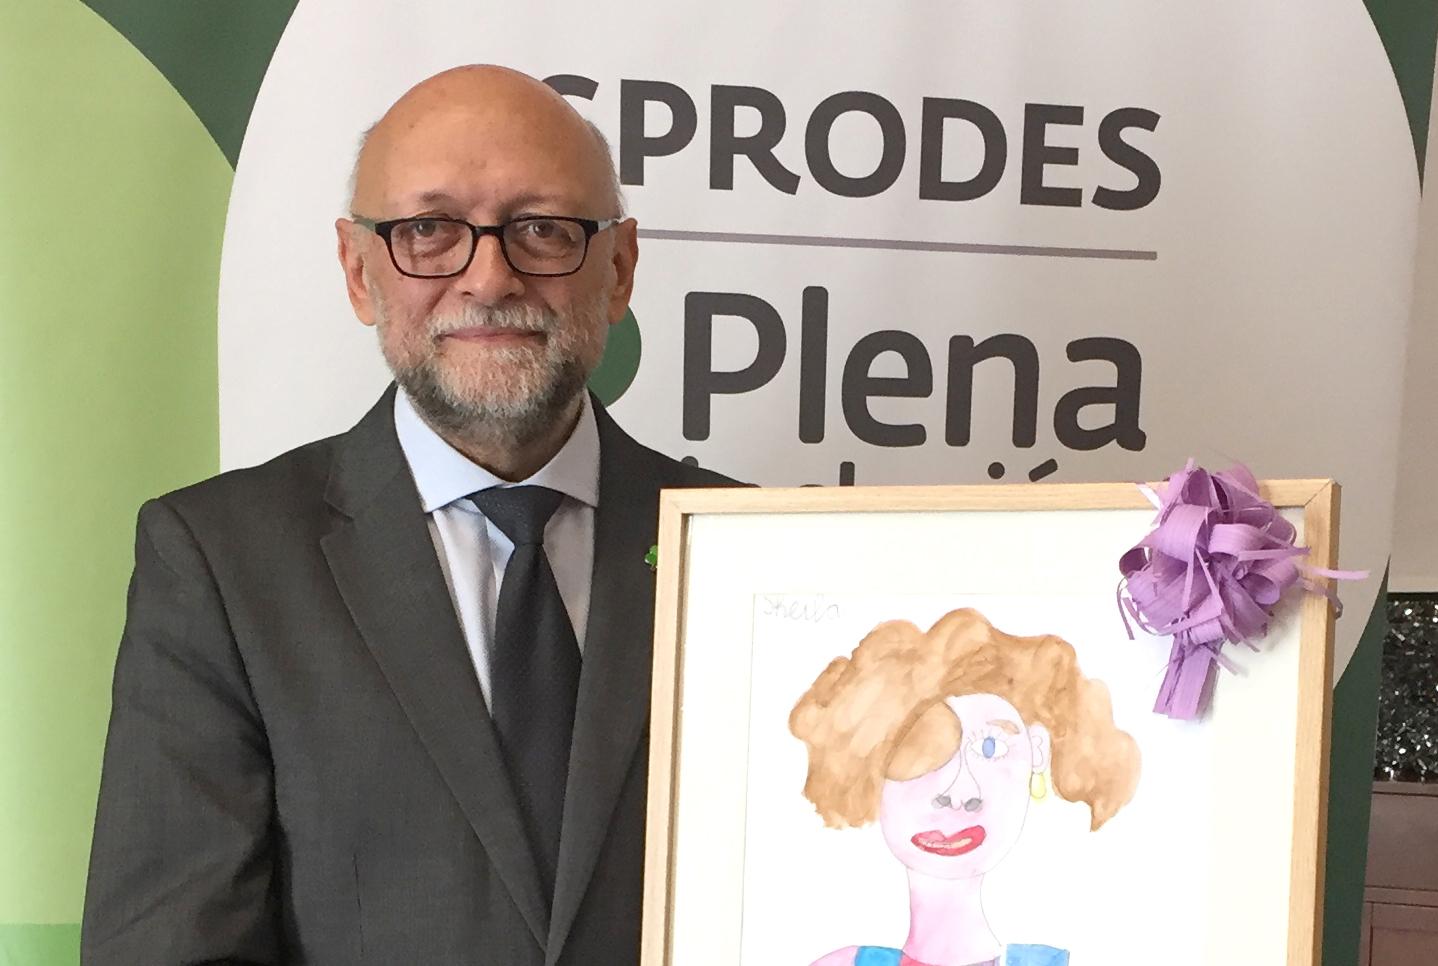 Ir a : Asprodes galardona a Javier Tamarit en su V Premio por su brillante trayectoria profesional centrada en la mejora de la calidad de vida de las personas